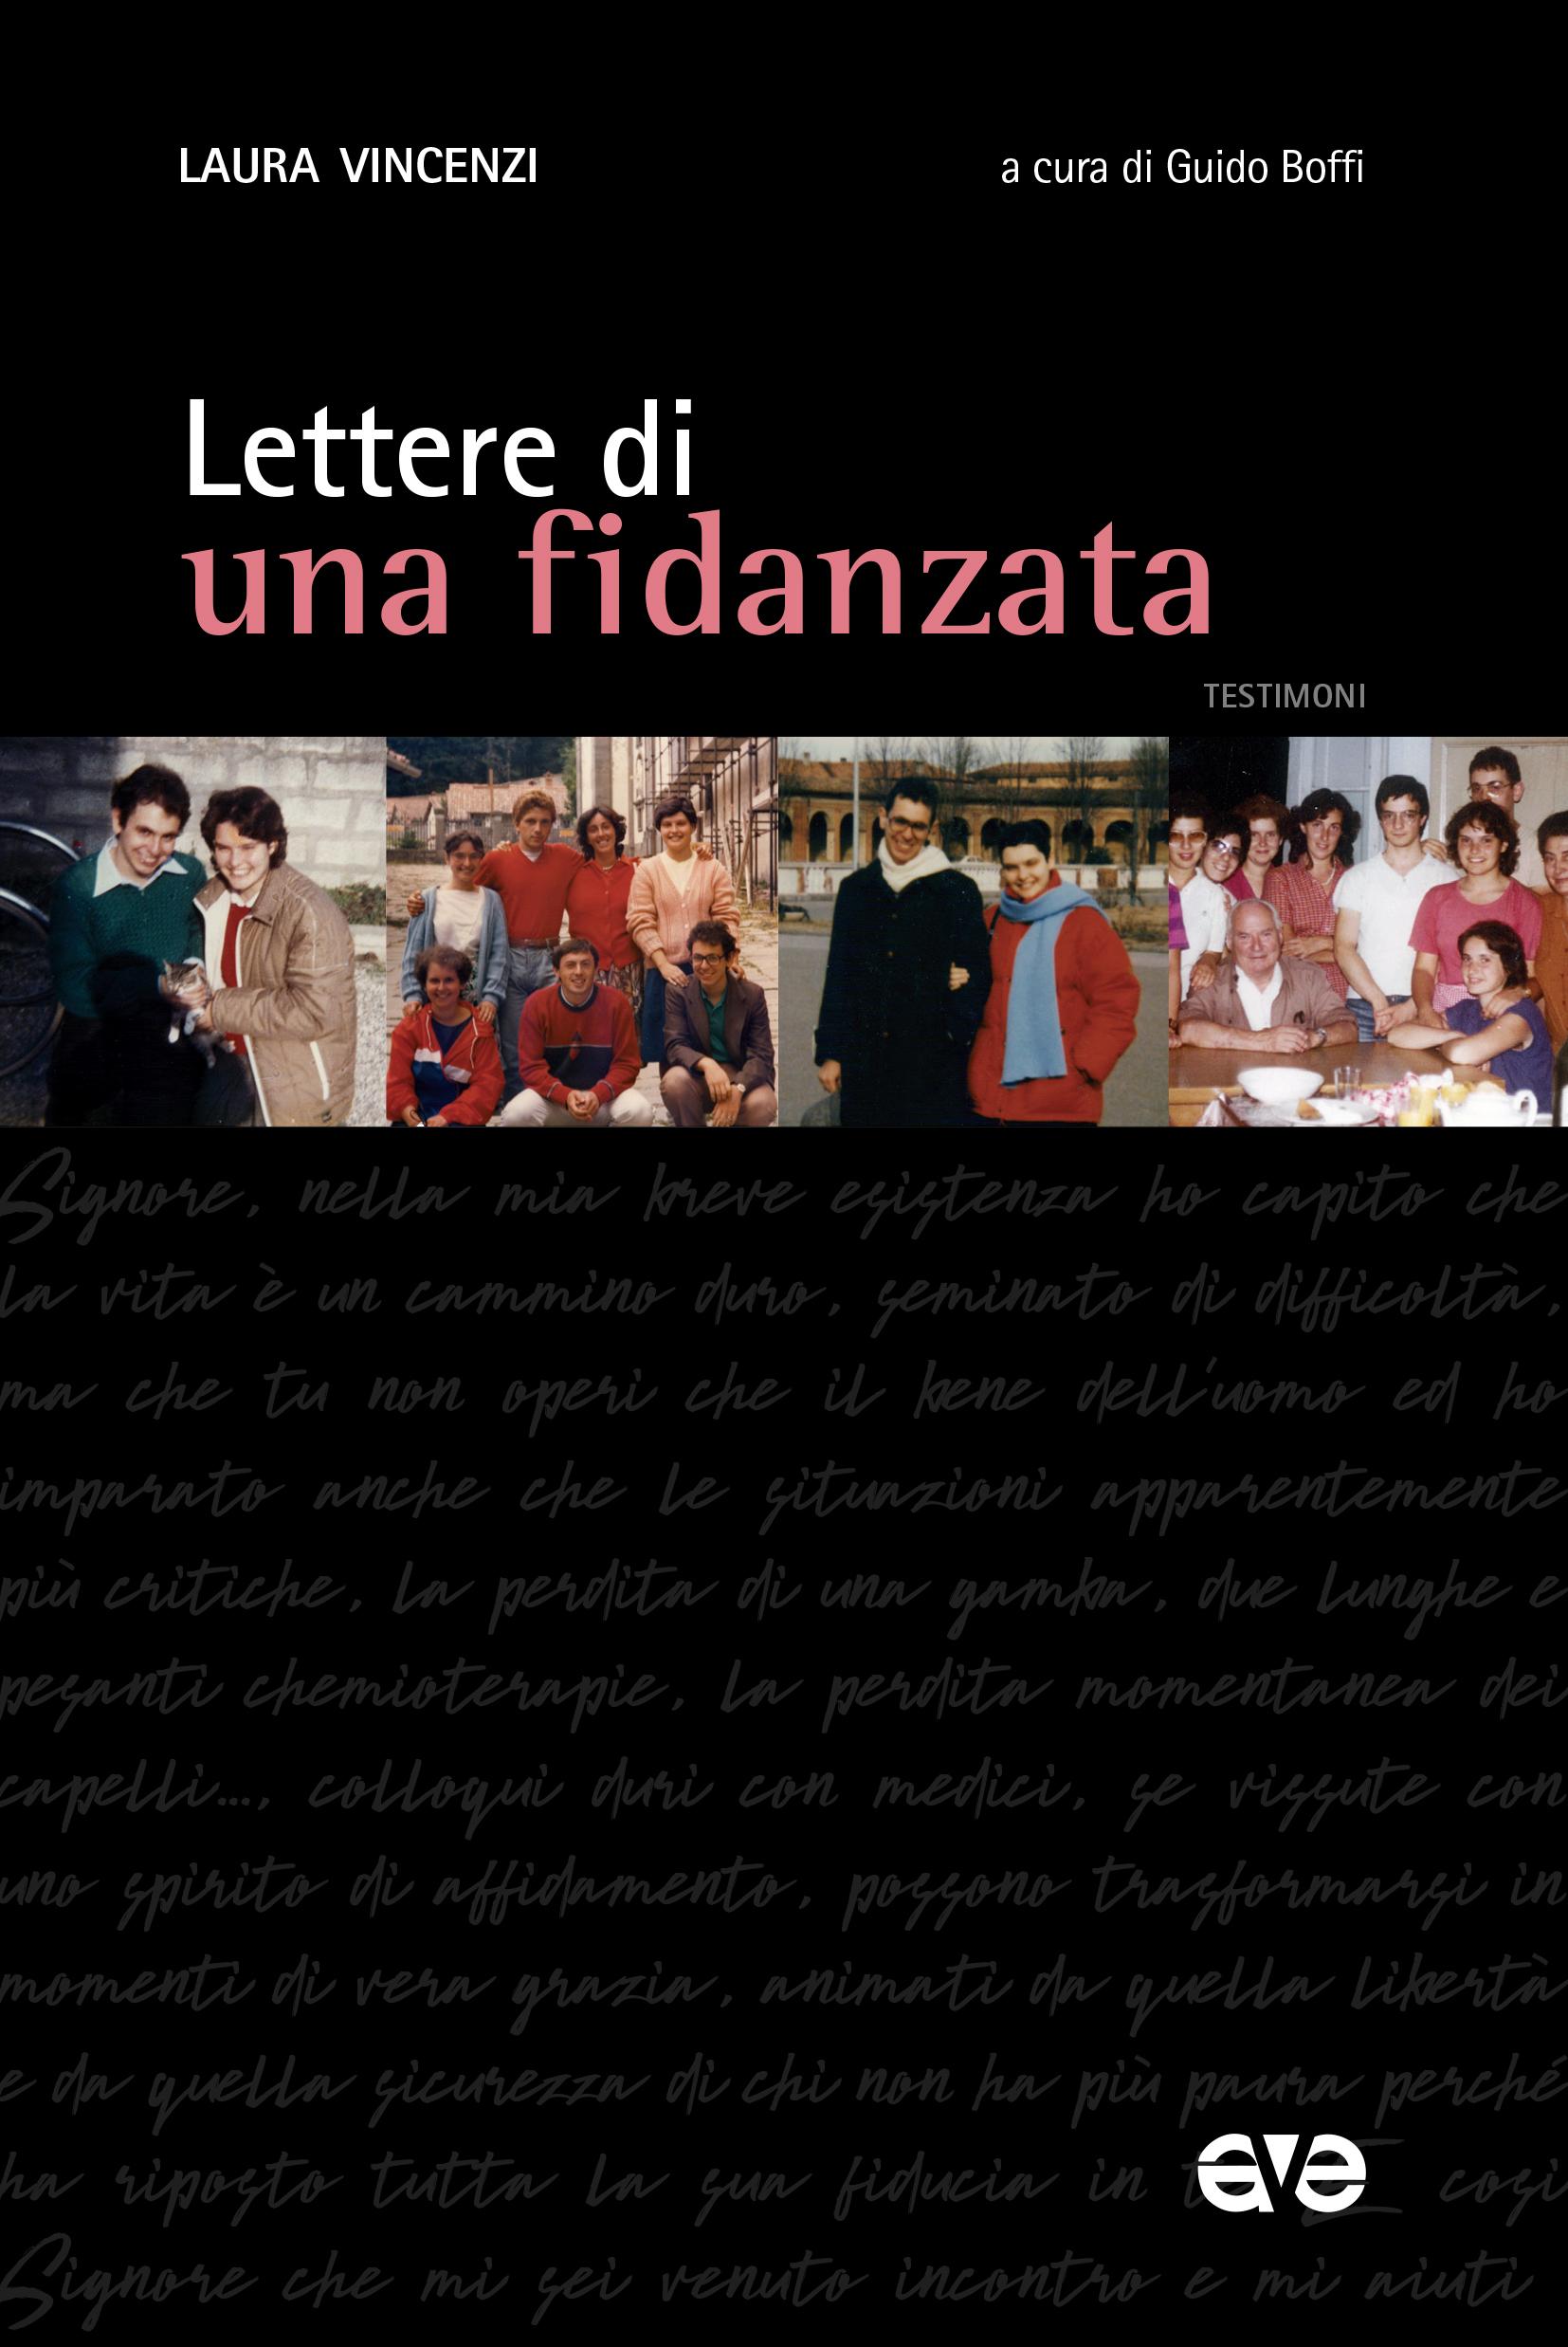 Lettere-di-una-fidanzata